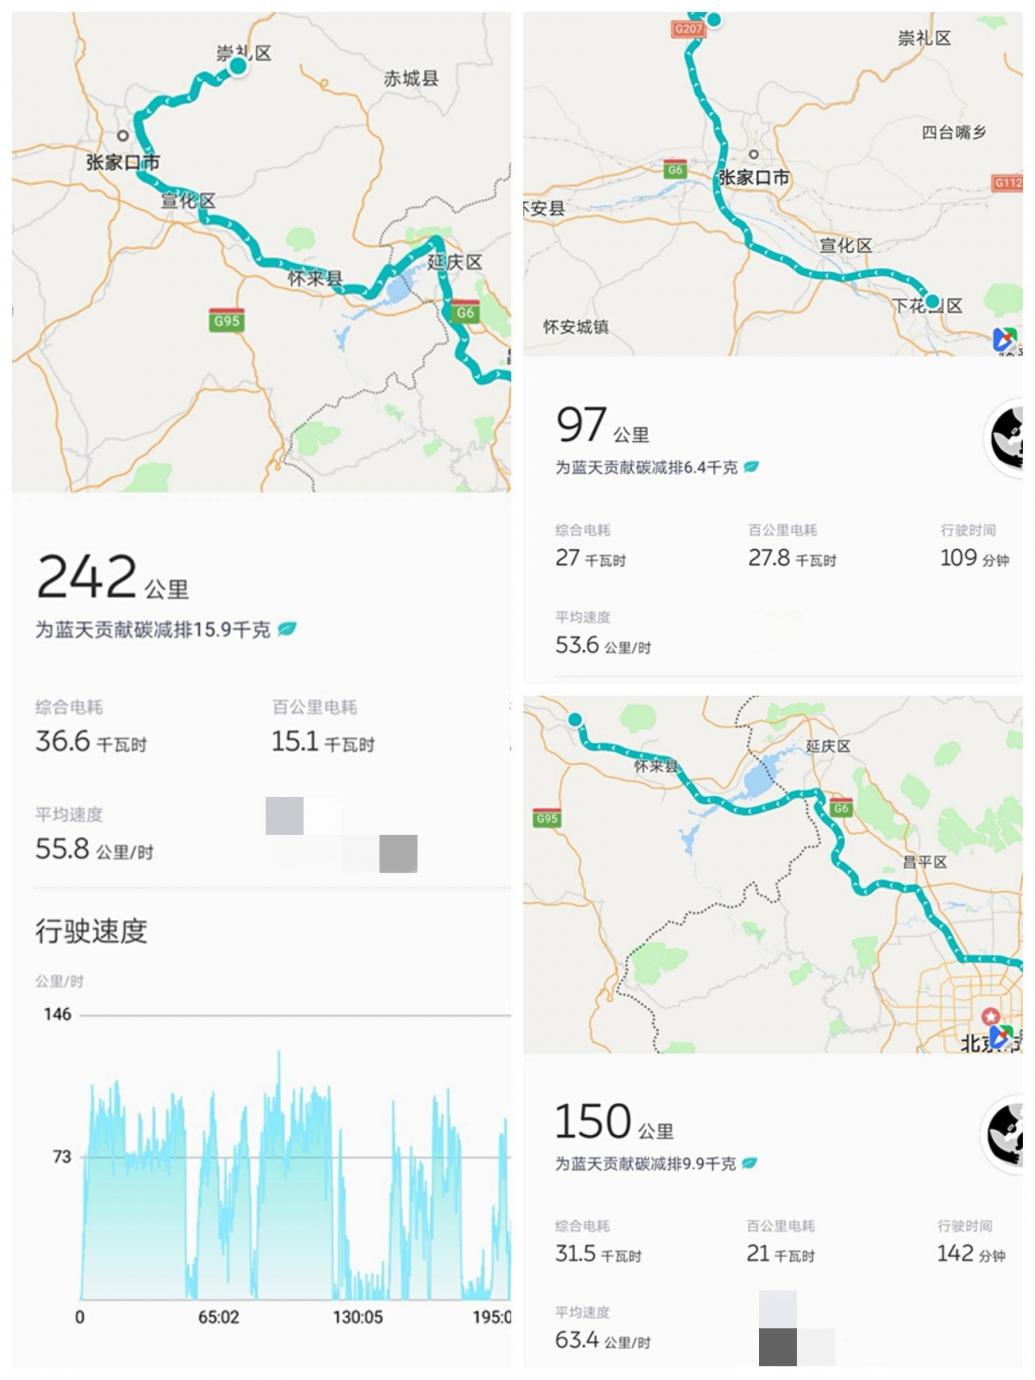 蔚来app记录跑山路情况下的能耗_蔚来ES6怎么样-口碑精选